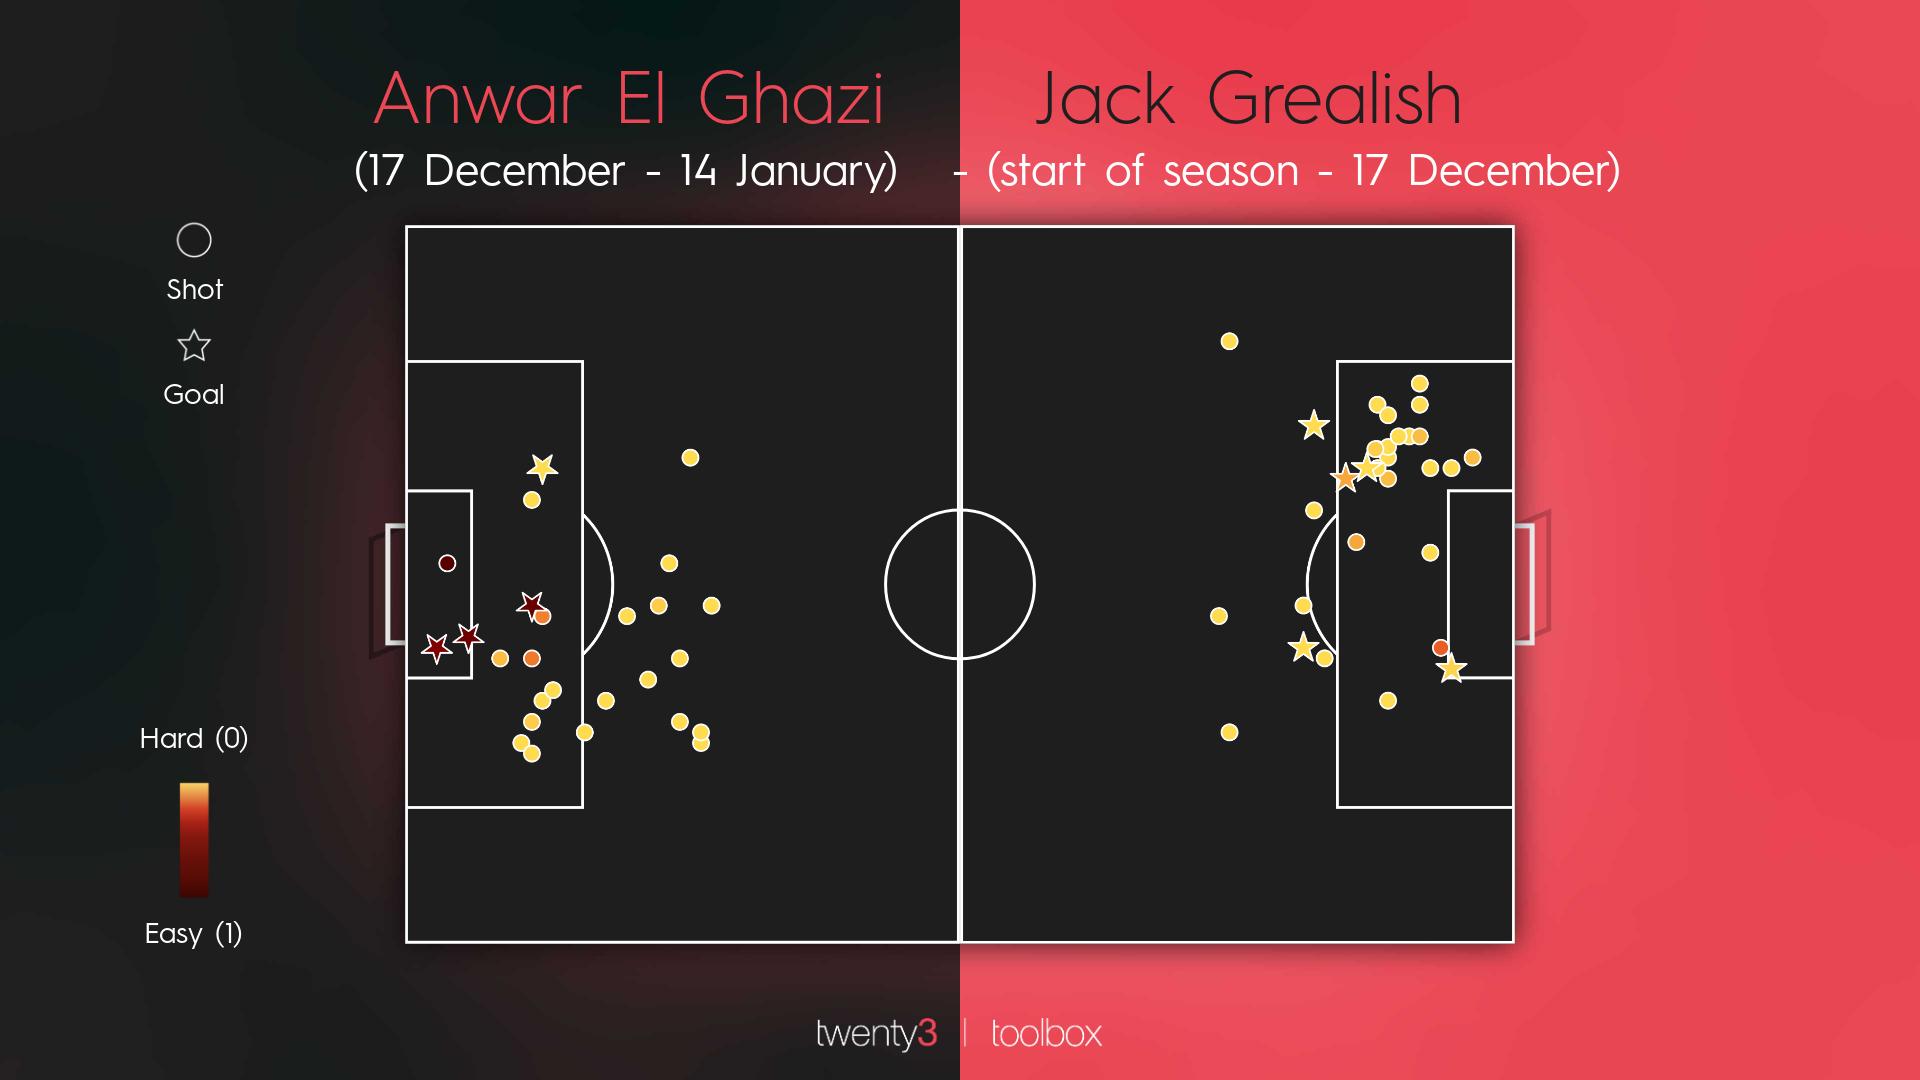 Anwar El Ghazi and Jack Grealish's shot maps compared.